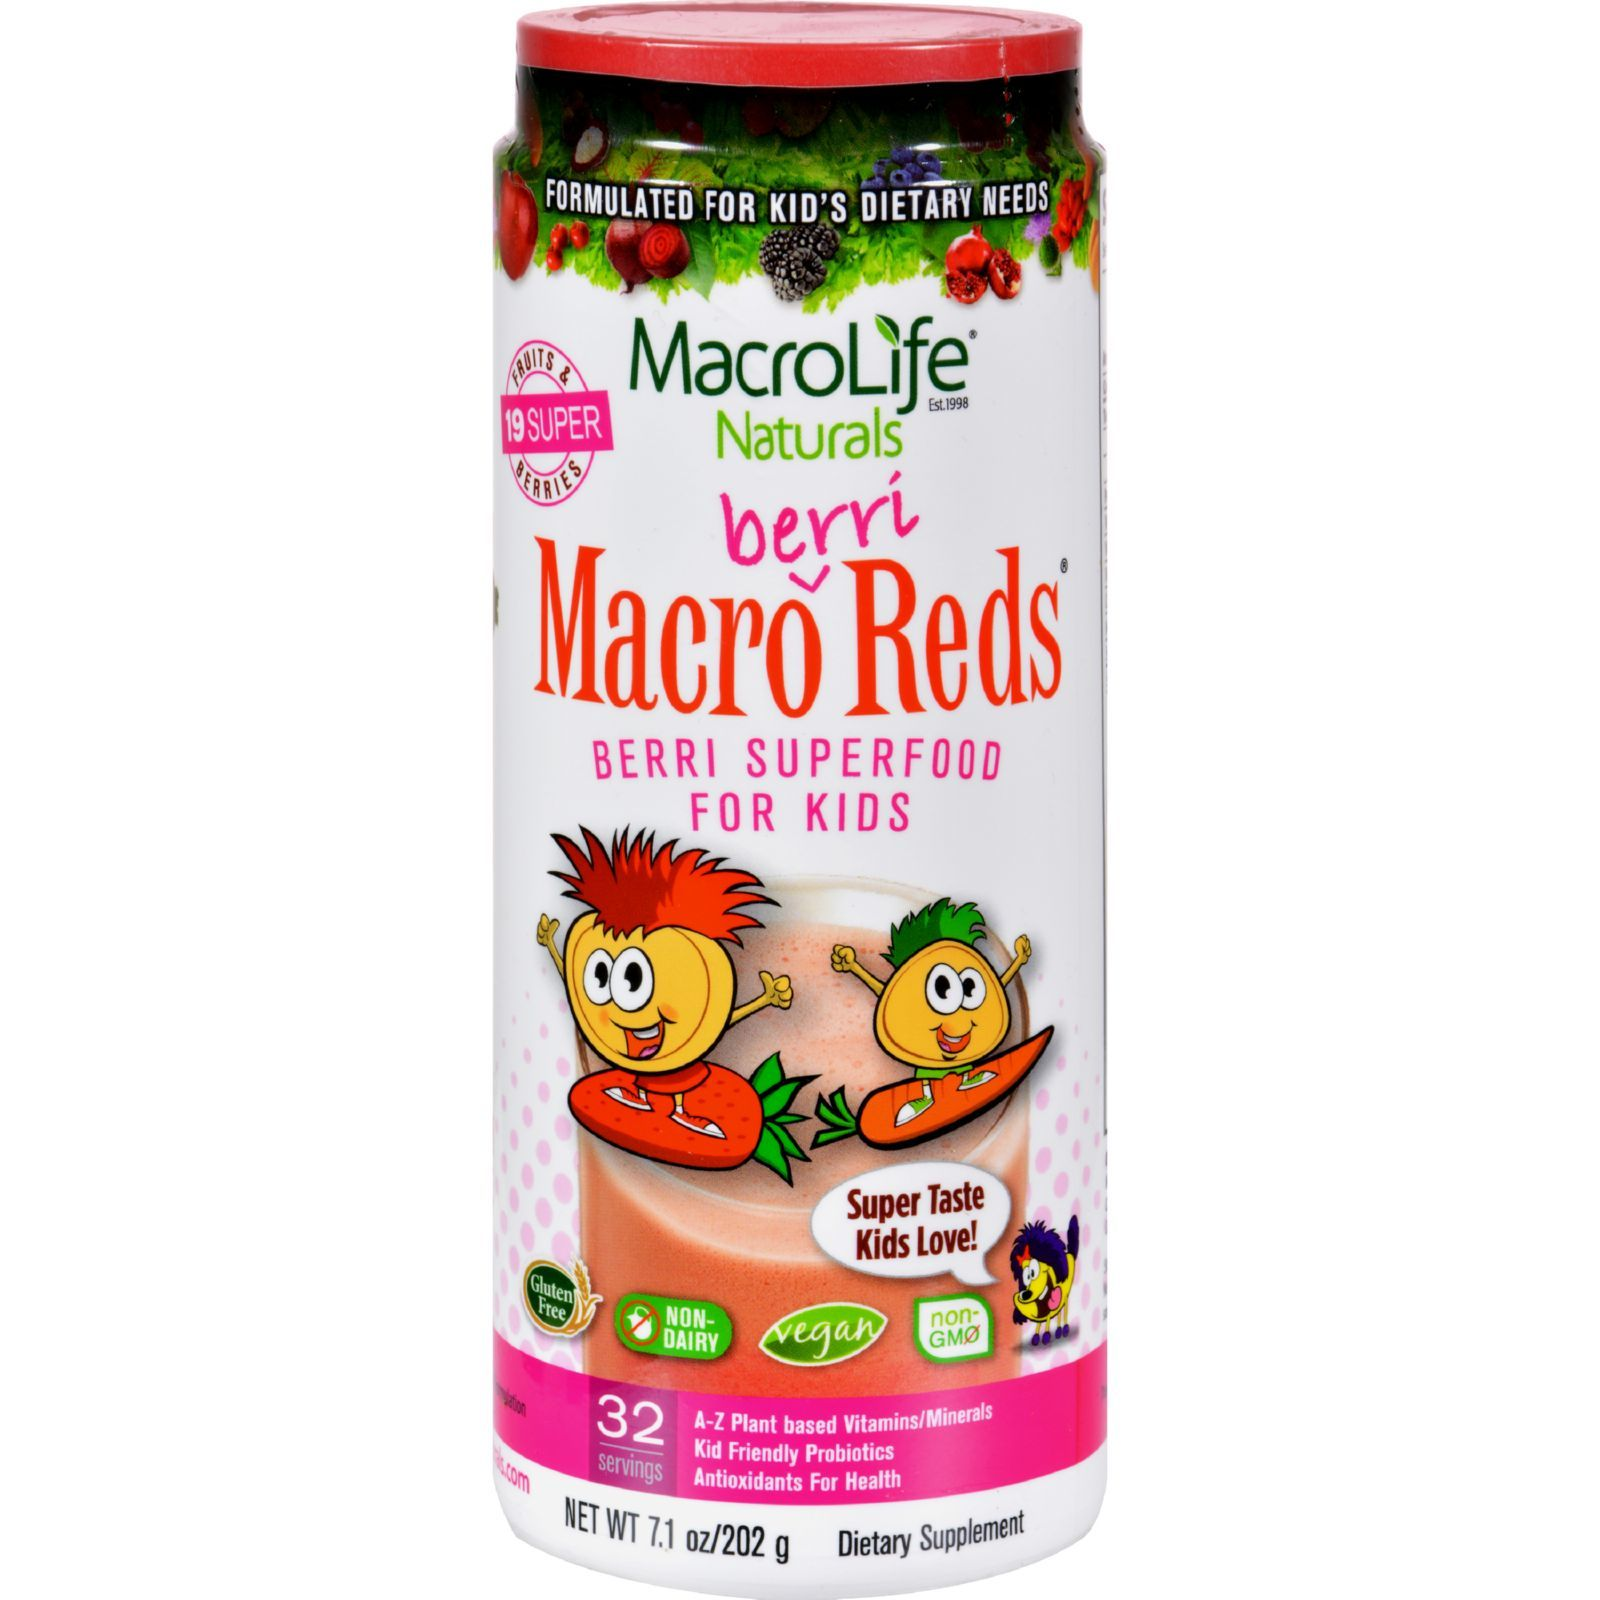 MacroLife Naturals Jr. Macro Reds for Kids Berri - 7.1 oz